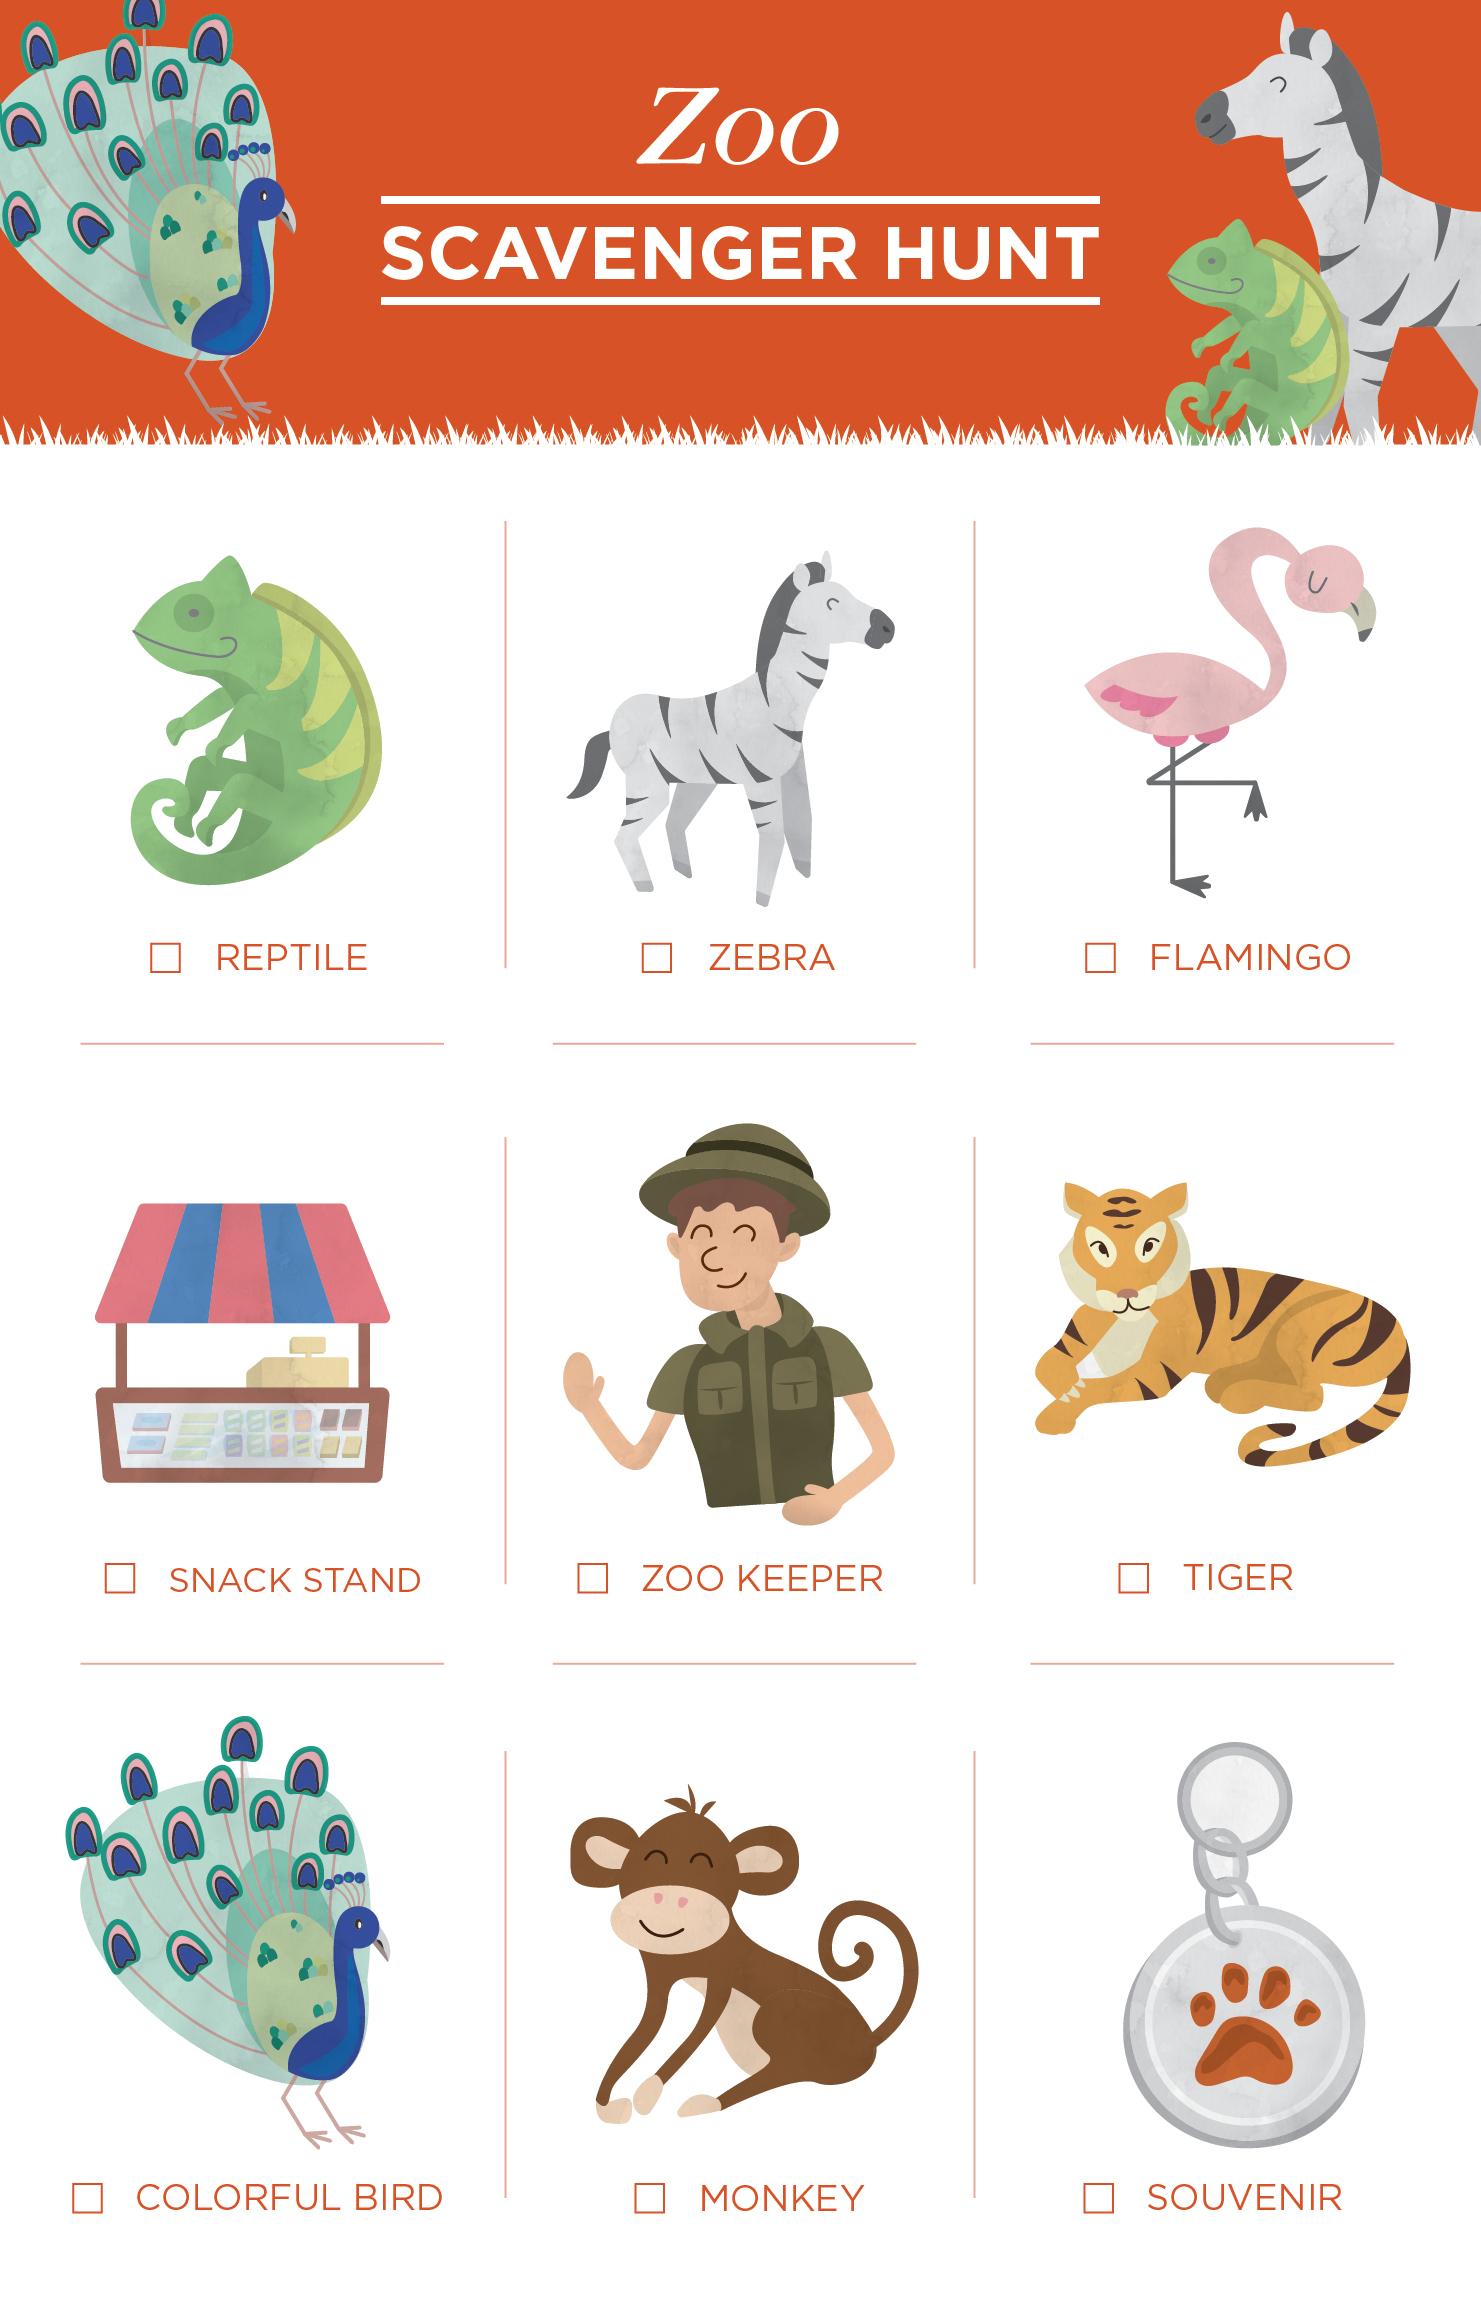 10 Free Scavenger Hunt Printables For Kids - Must Have Mom - Free Printable Scavenger Hunt For Kids